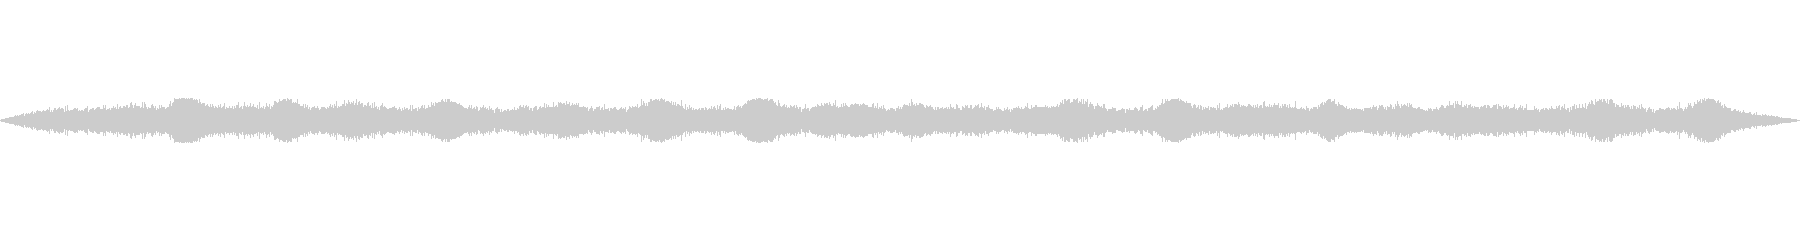 【海辺 合成 環境01-1】の未再生の波形